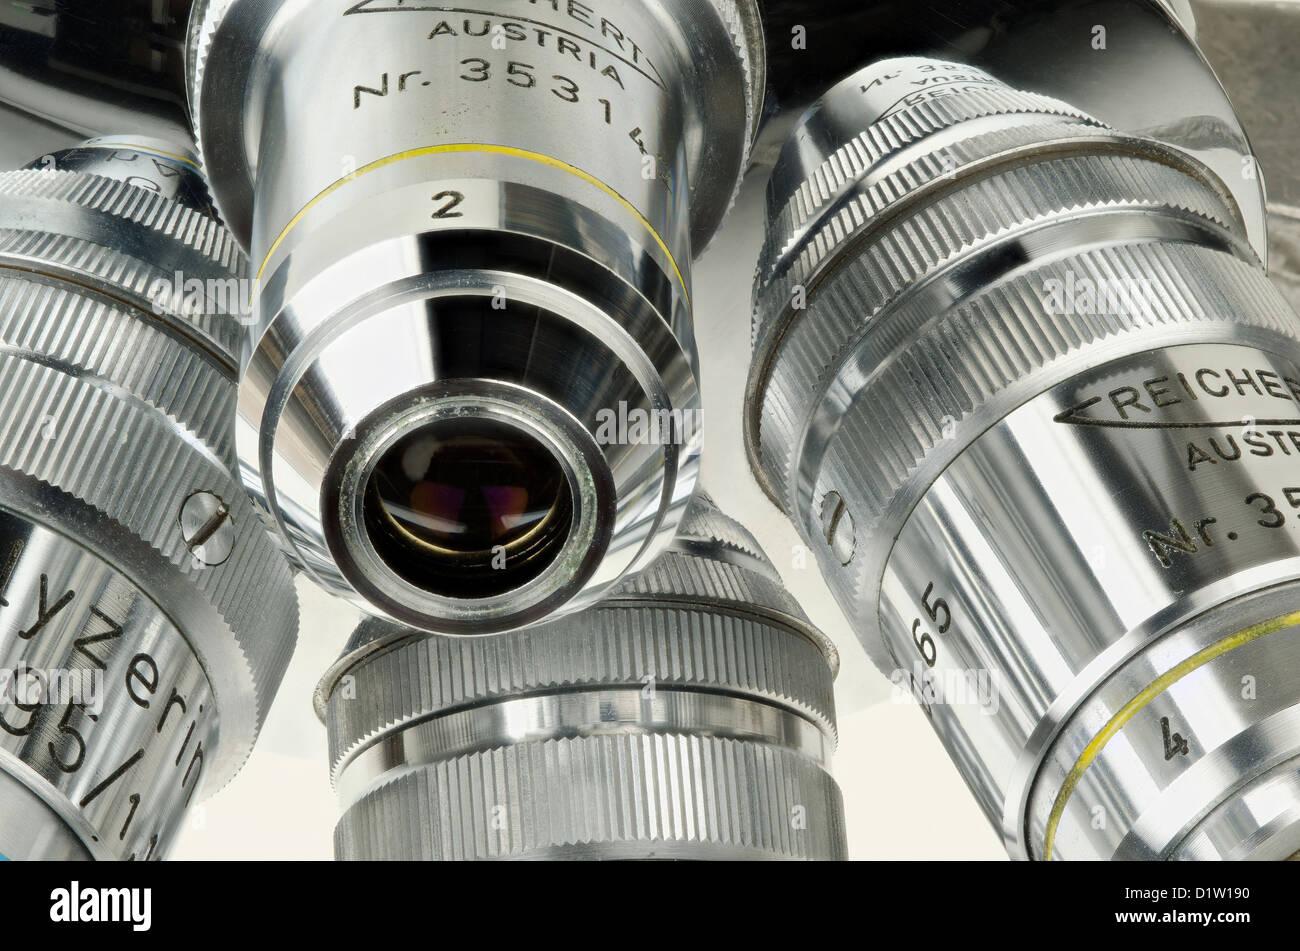 Reichert drehbaren objektivrevolver mikroskop objektive vier